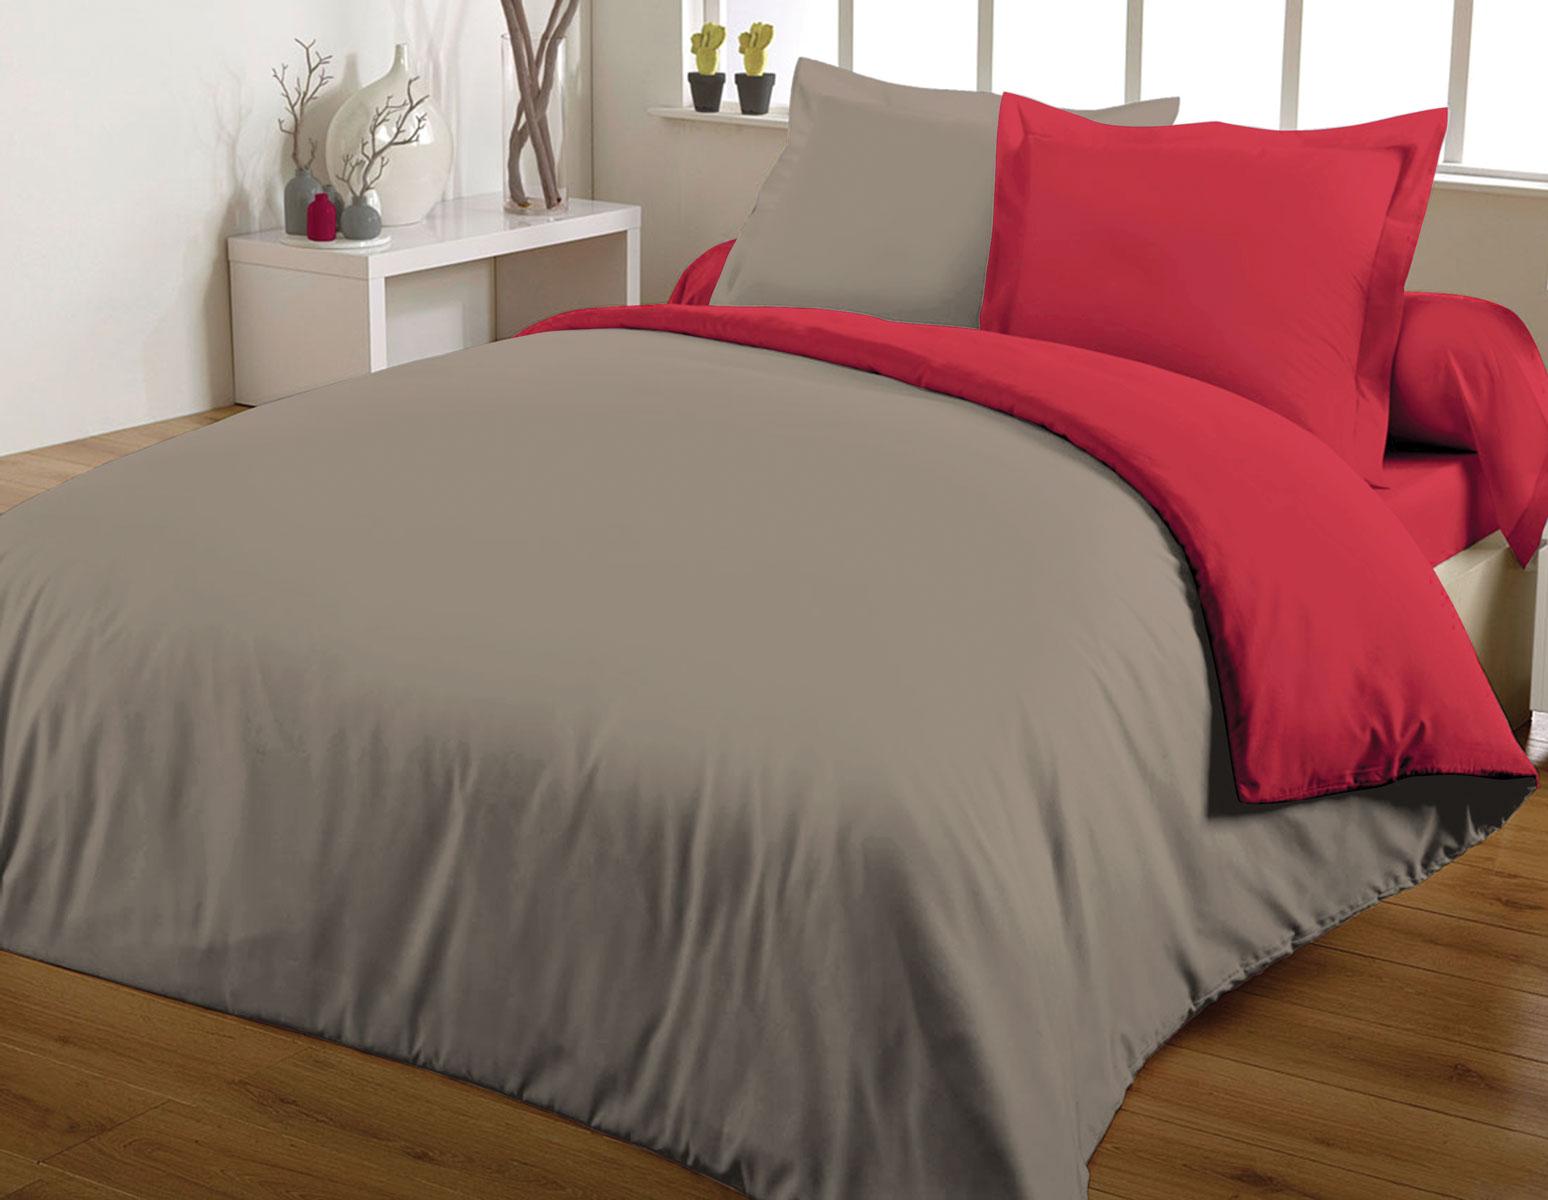 Parure de couette 100% coton 260x240 rouge/taupe